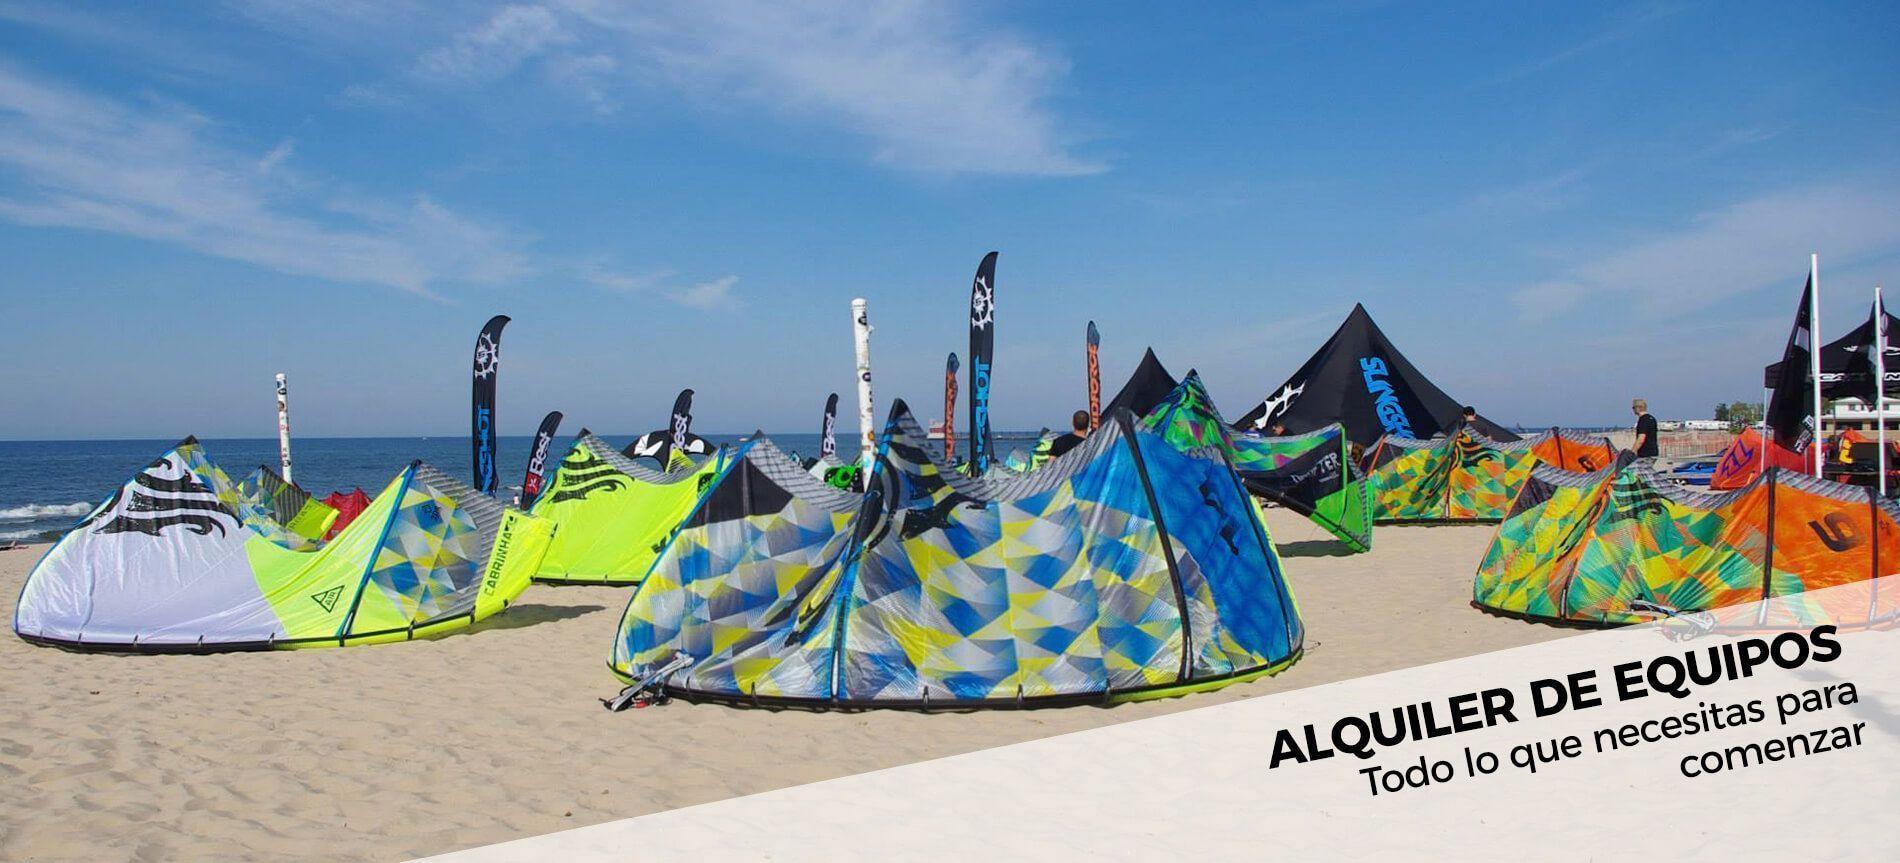 Alquiler de equipos para practicar kitesurf, todo lo que necesitas para comenzar a practicar en kite local school tarifa